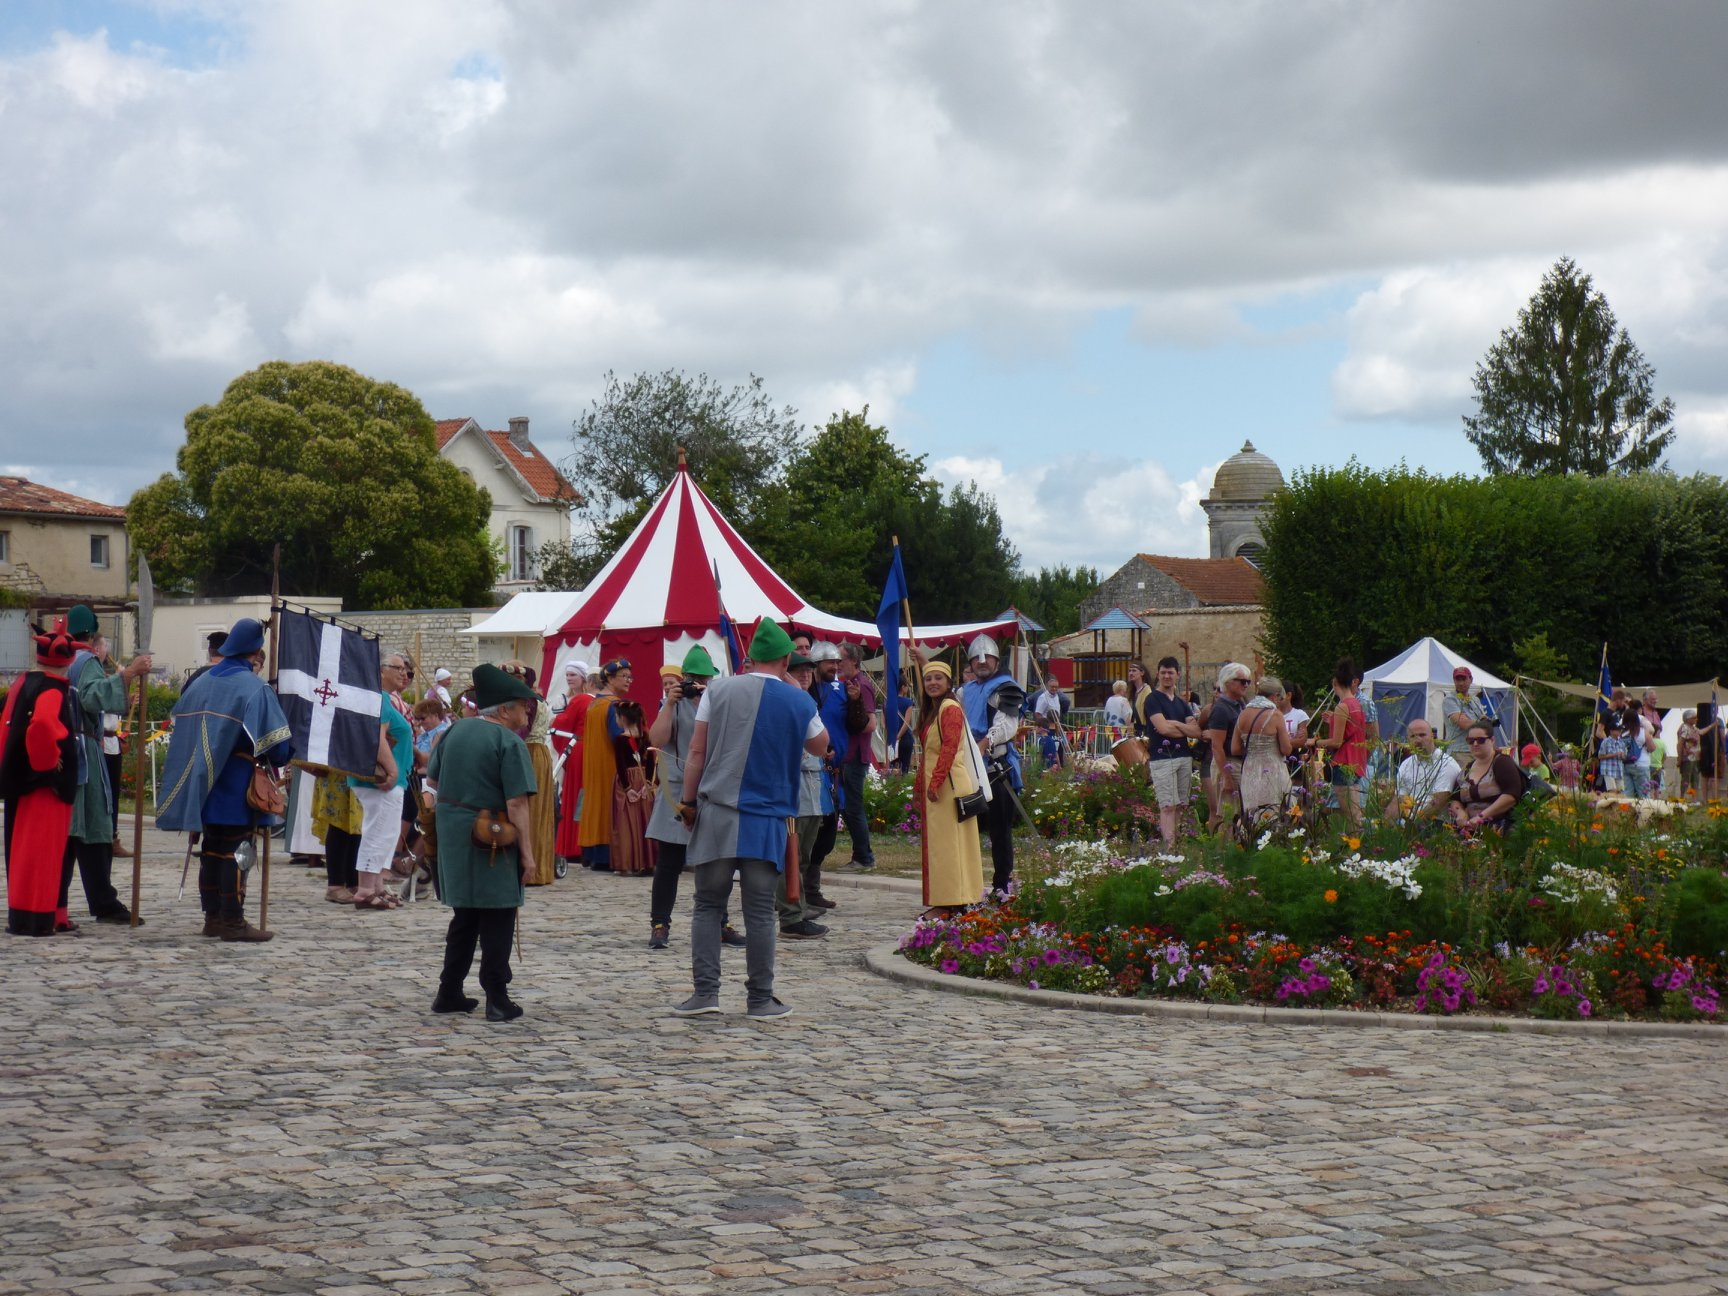 Fête médiévale Pons juillet 2018 - 07